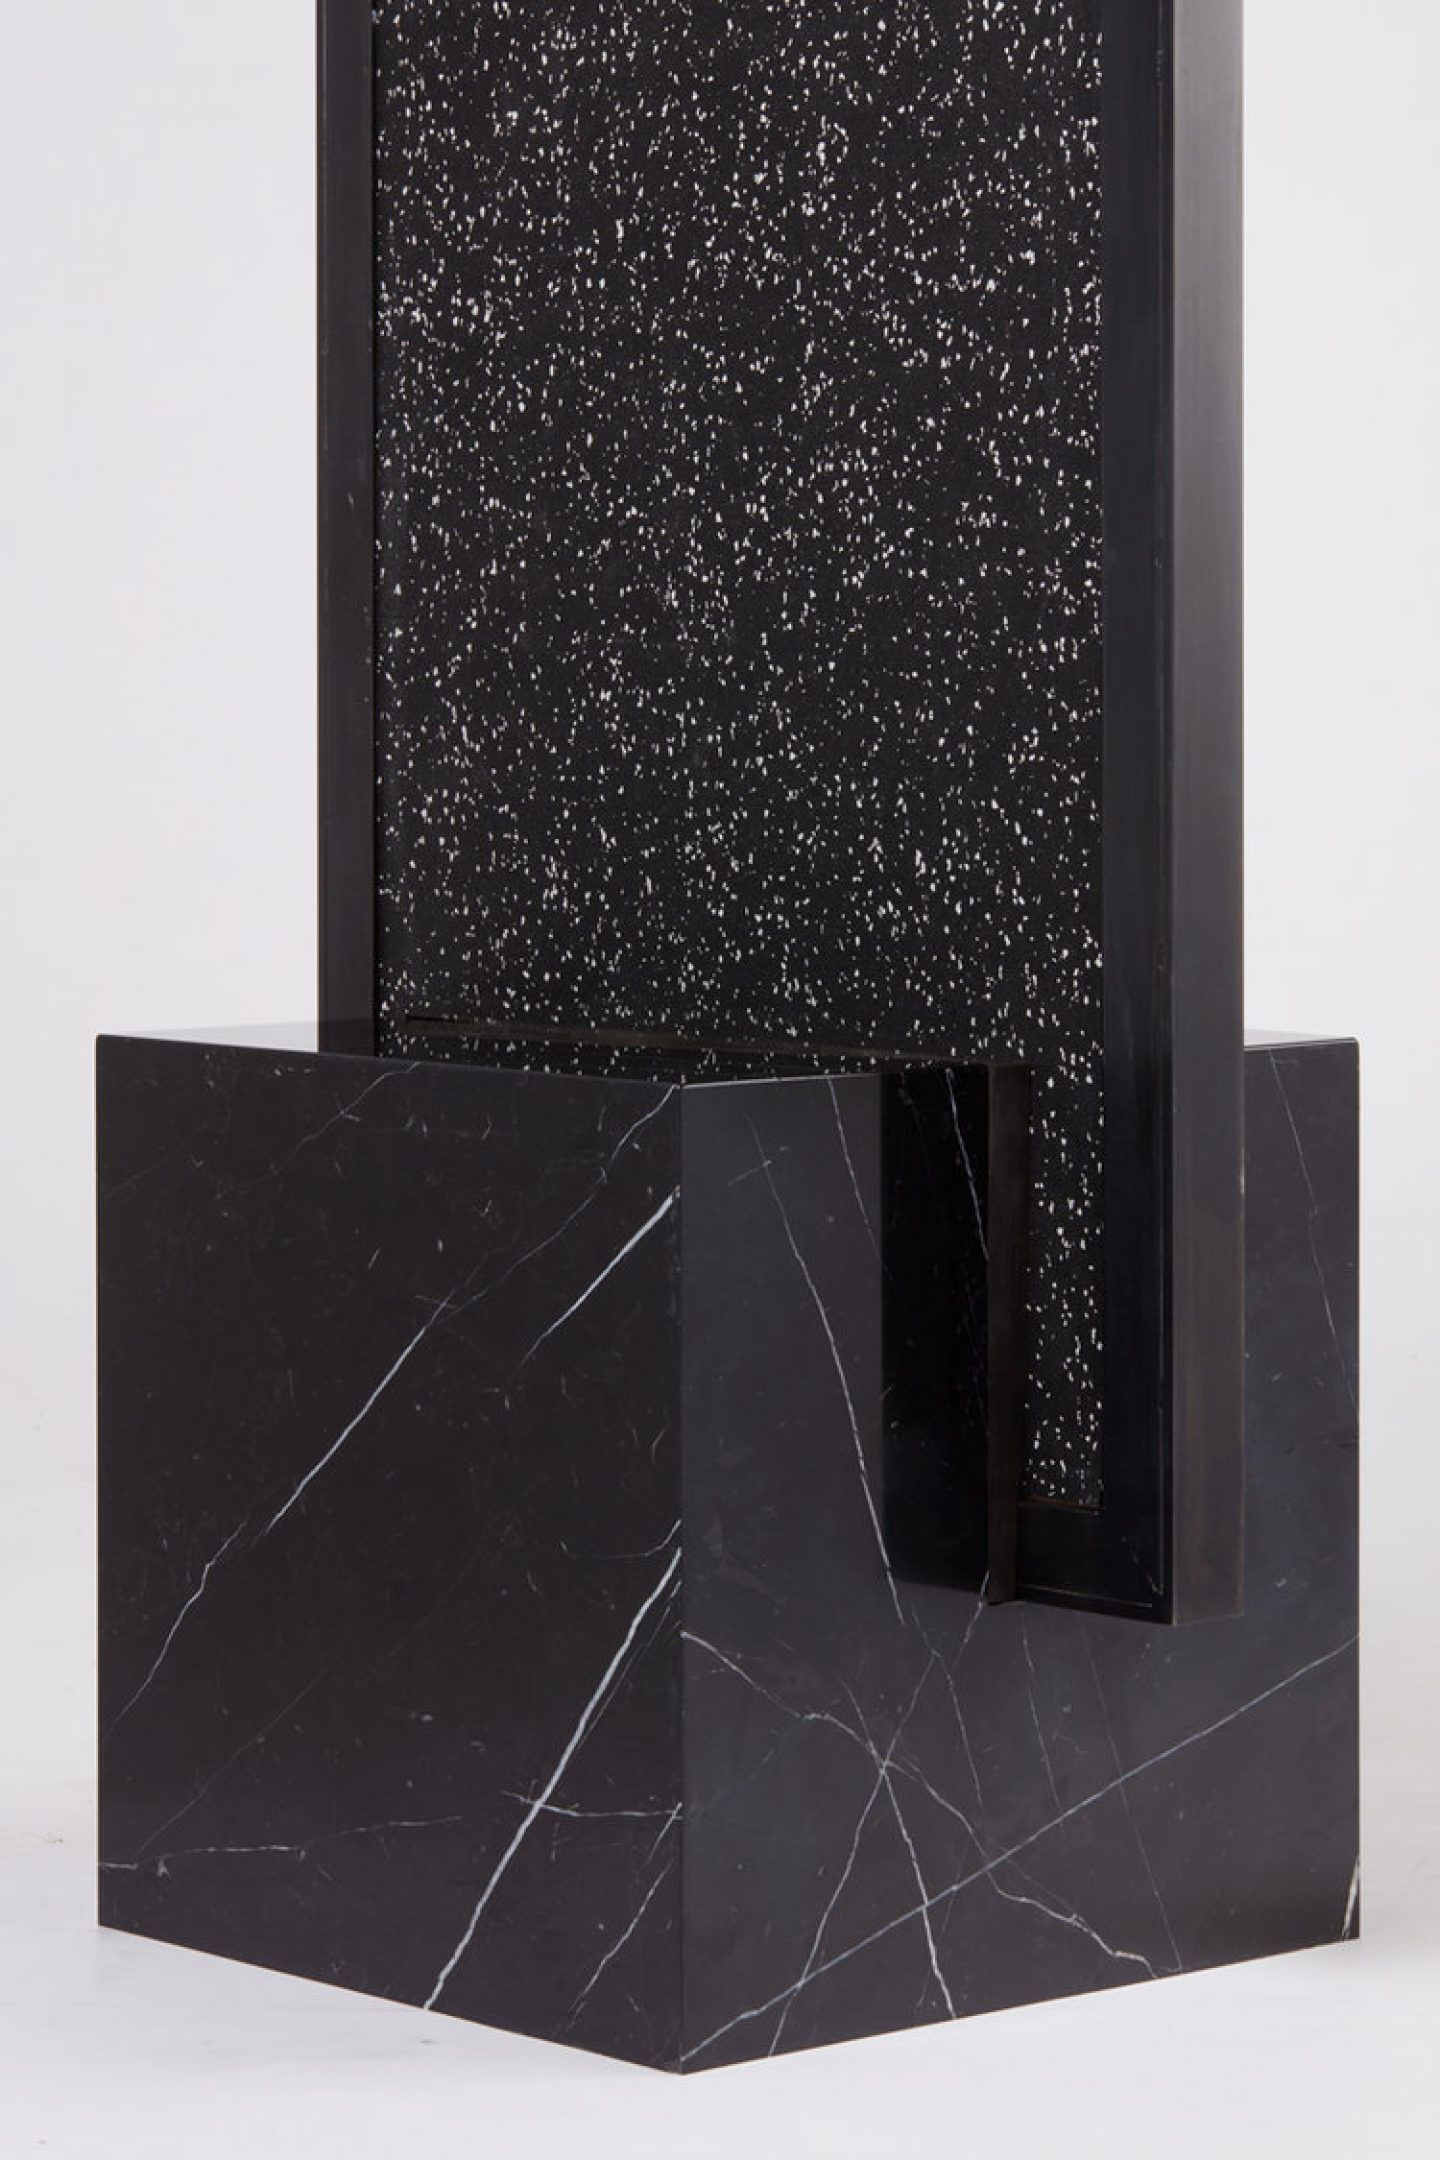 IGNANT-Design-Slash-Objects-20